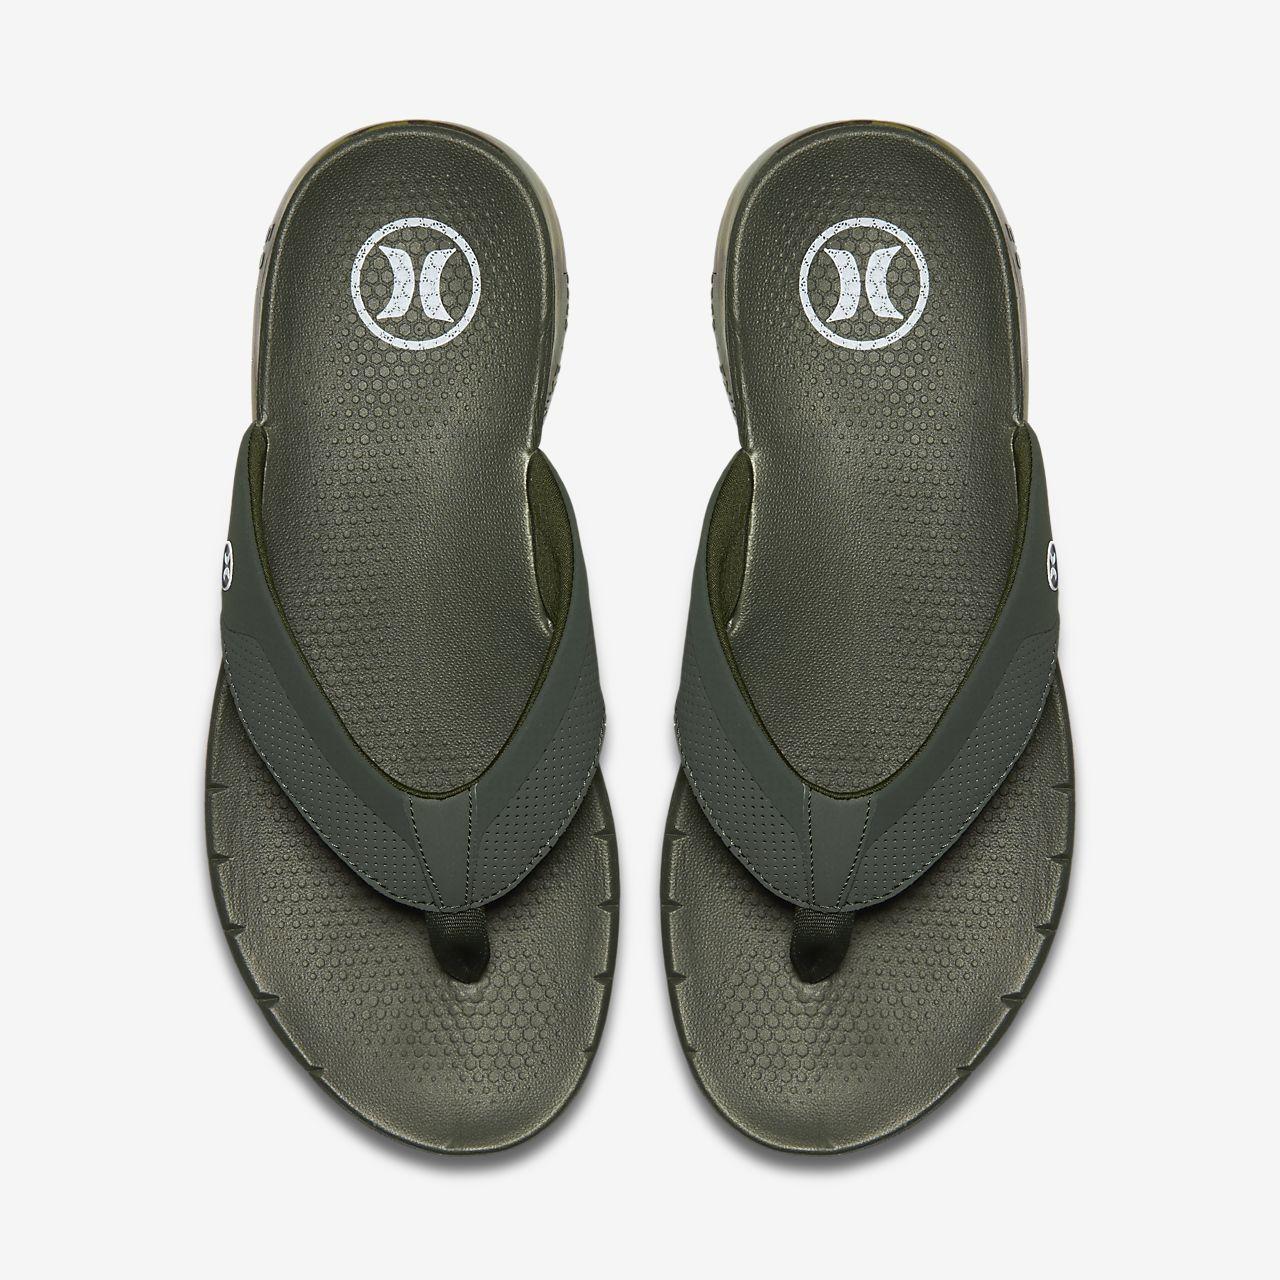 52bb0e4348d042 Hurley Phantom Free Men s Sandal. Nike.com SK